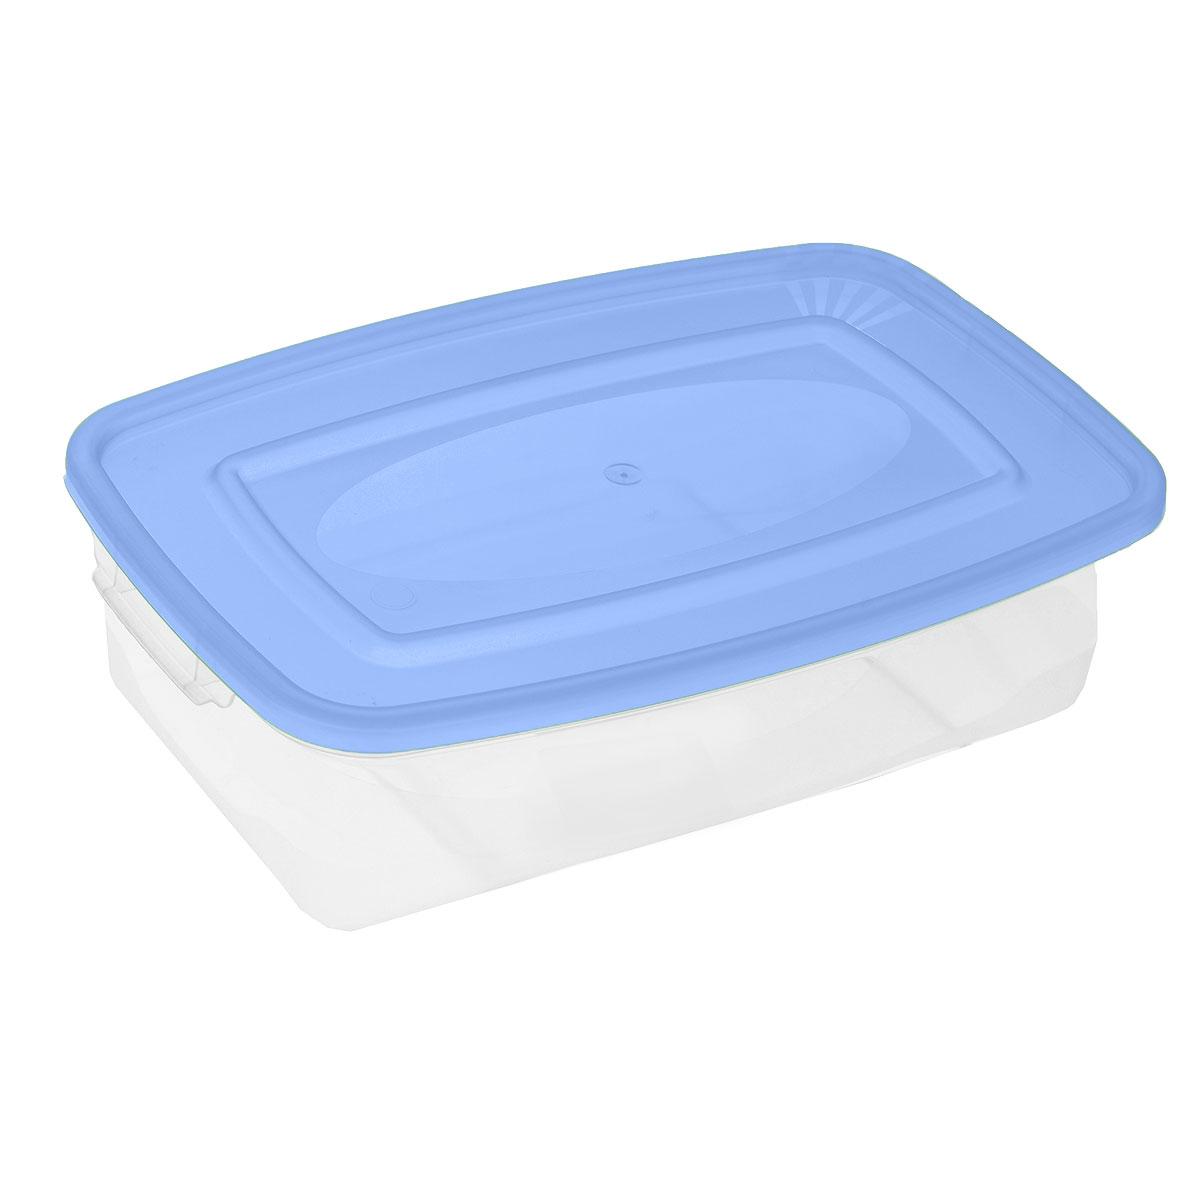 Контейнер для СВЧ Полимербыт Каскад, цвет: голубой, прозрачный, 700 млС540_голубой, прозрачныйПрямоугольный контейнер для СВЧ Полимербыт Каскад изготовлен из высококачественного прочного пластика, устойчивого к высоким температурам (до +120°С). Стенки контейнера прозрачные, что позволяет видеть содержимое. Цветная полупрозрачная крышка плотно закрывается. Контейнер идеально подходит для хранения пищи, его удобно брать с собой на работу, учебу, пикник или просто использовать для хранения пищи в холодильнике.Можно использовать в микроволновой печи и для заморозки в морозильной камере. Можно мыть в посудомоечной машине.